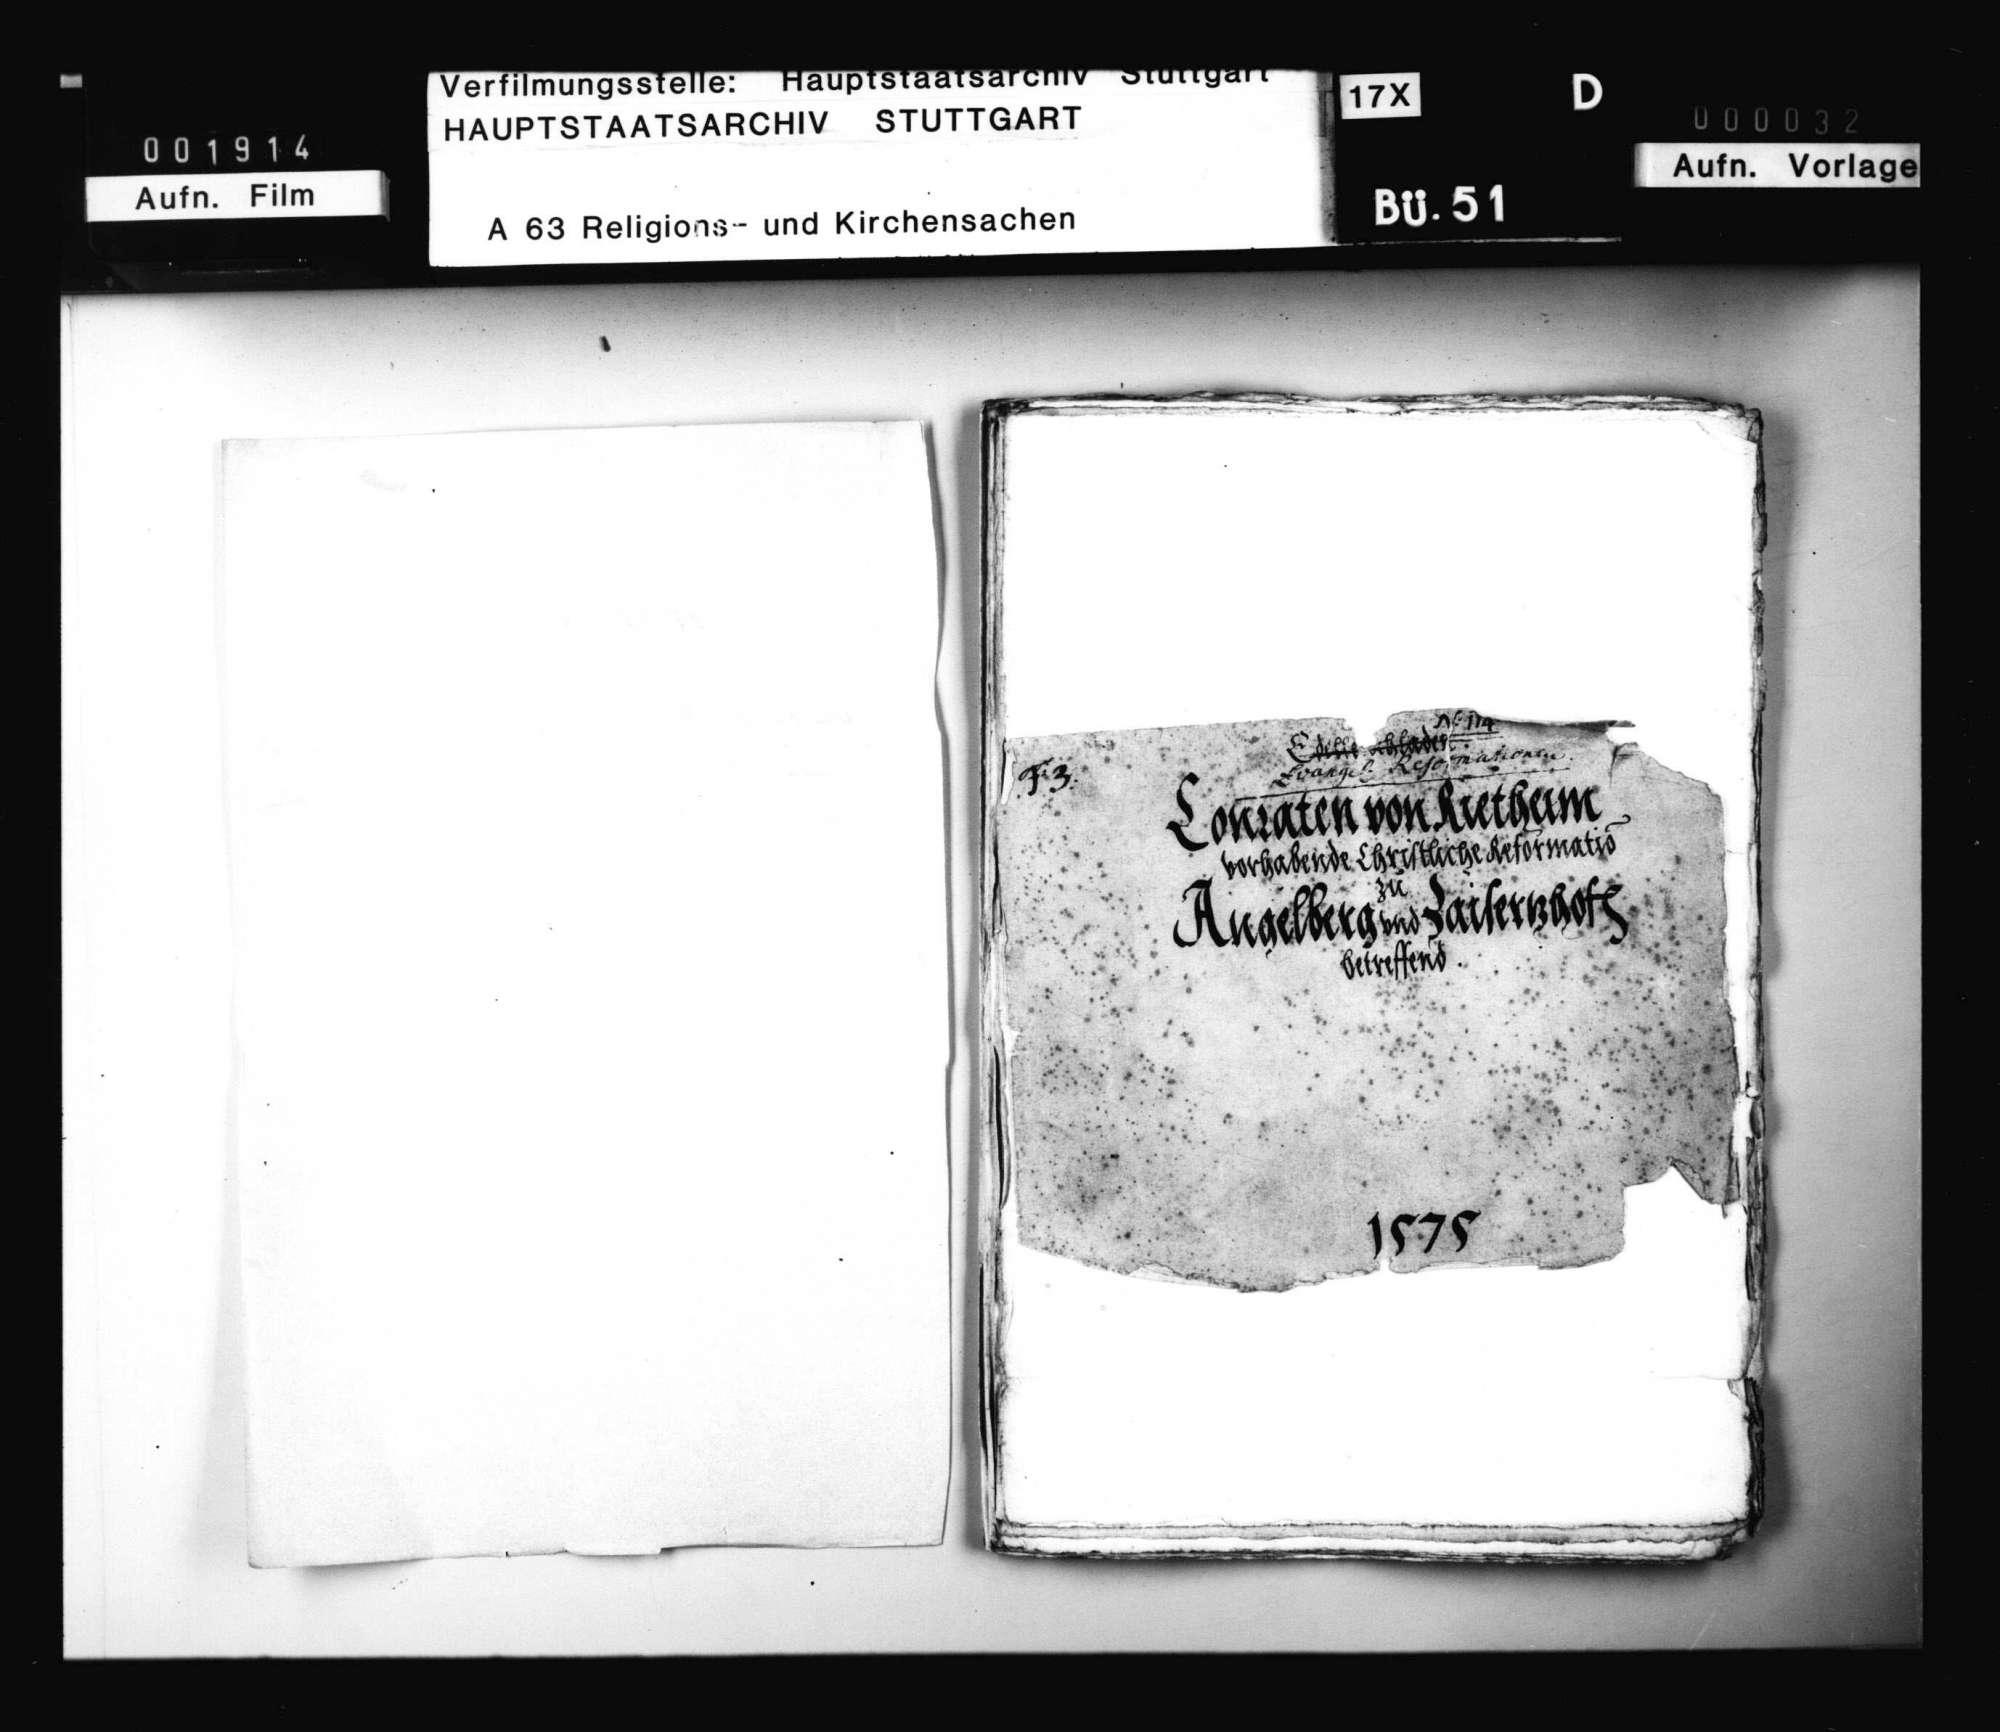 Schriften, betreffend die Unterstützung der Reformation des Conrad von Rietheim in Angelberg und Zaisertshofen durch Herzog Ludwig und Pfalzgraf Philipp Ludwig, Bild 3